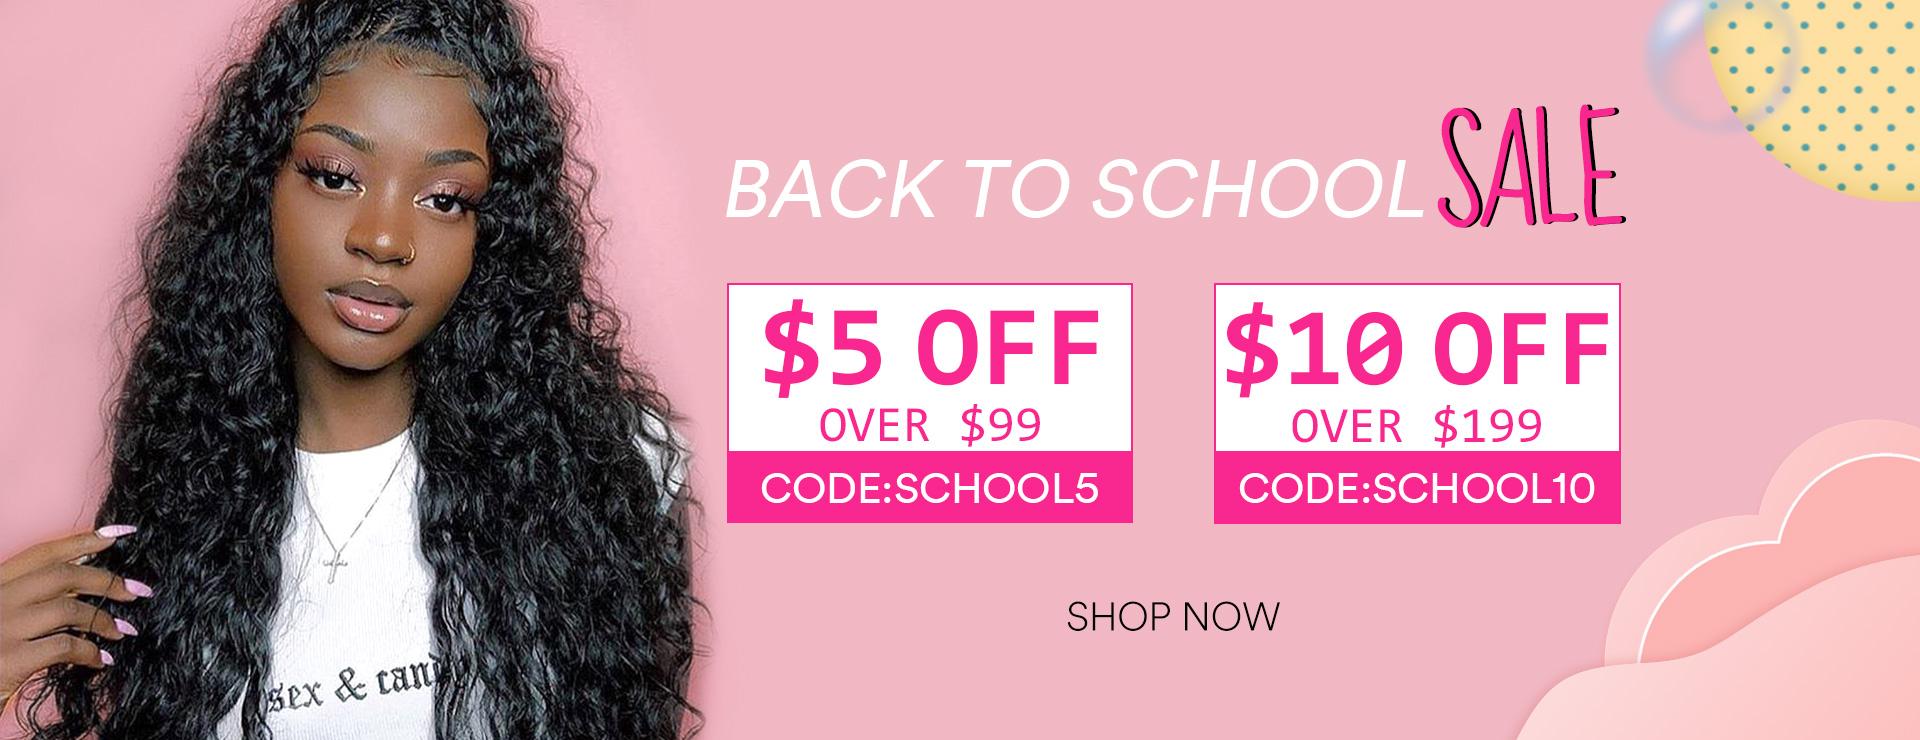 Back 2 School Sale